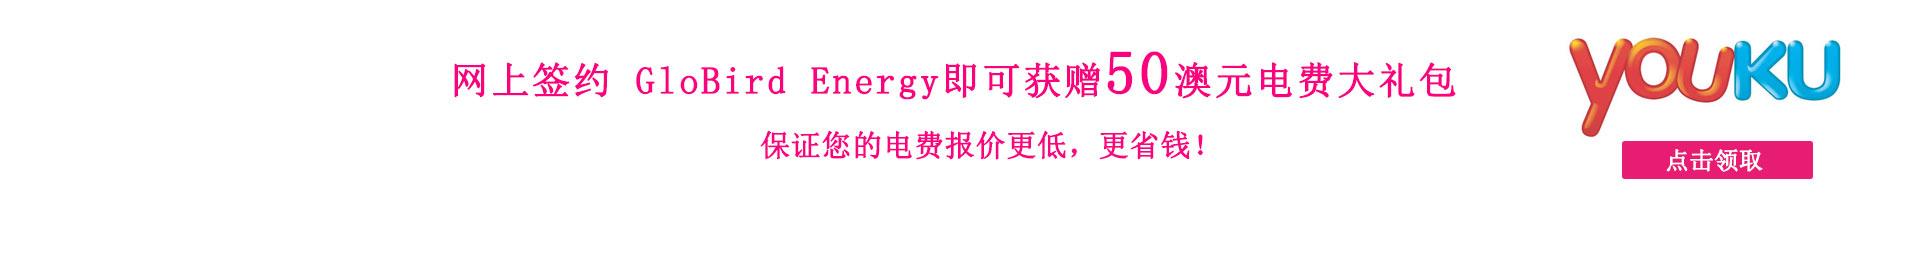 Youku Promotion